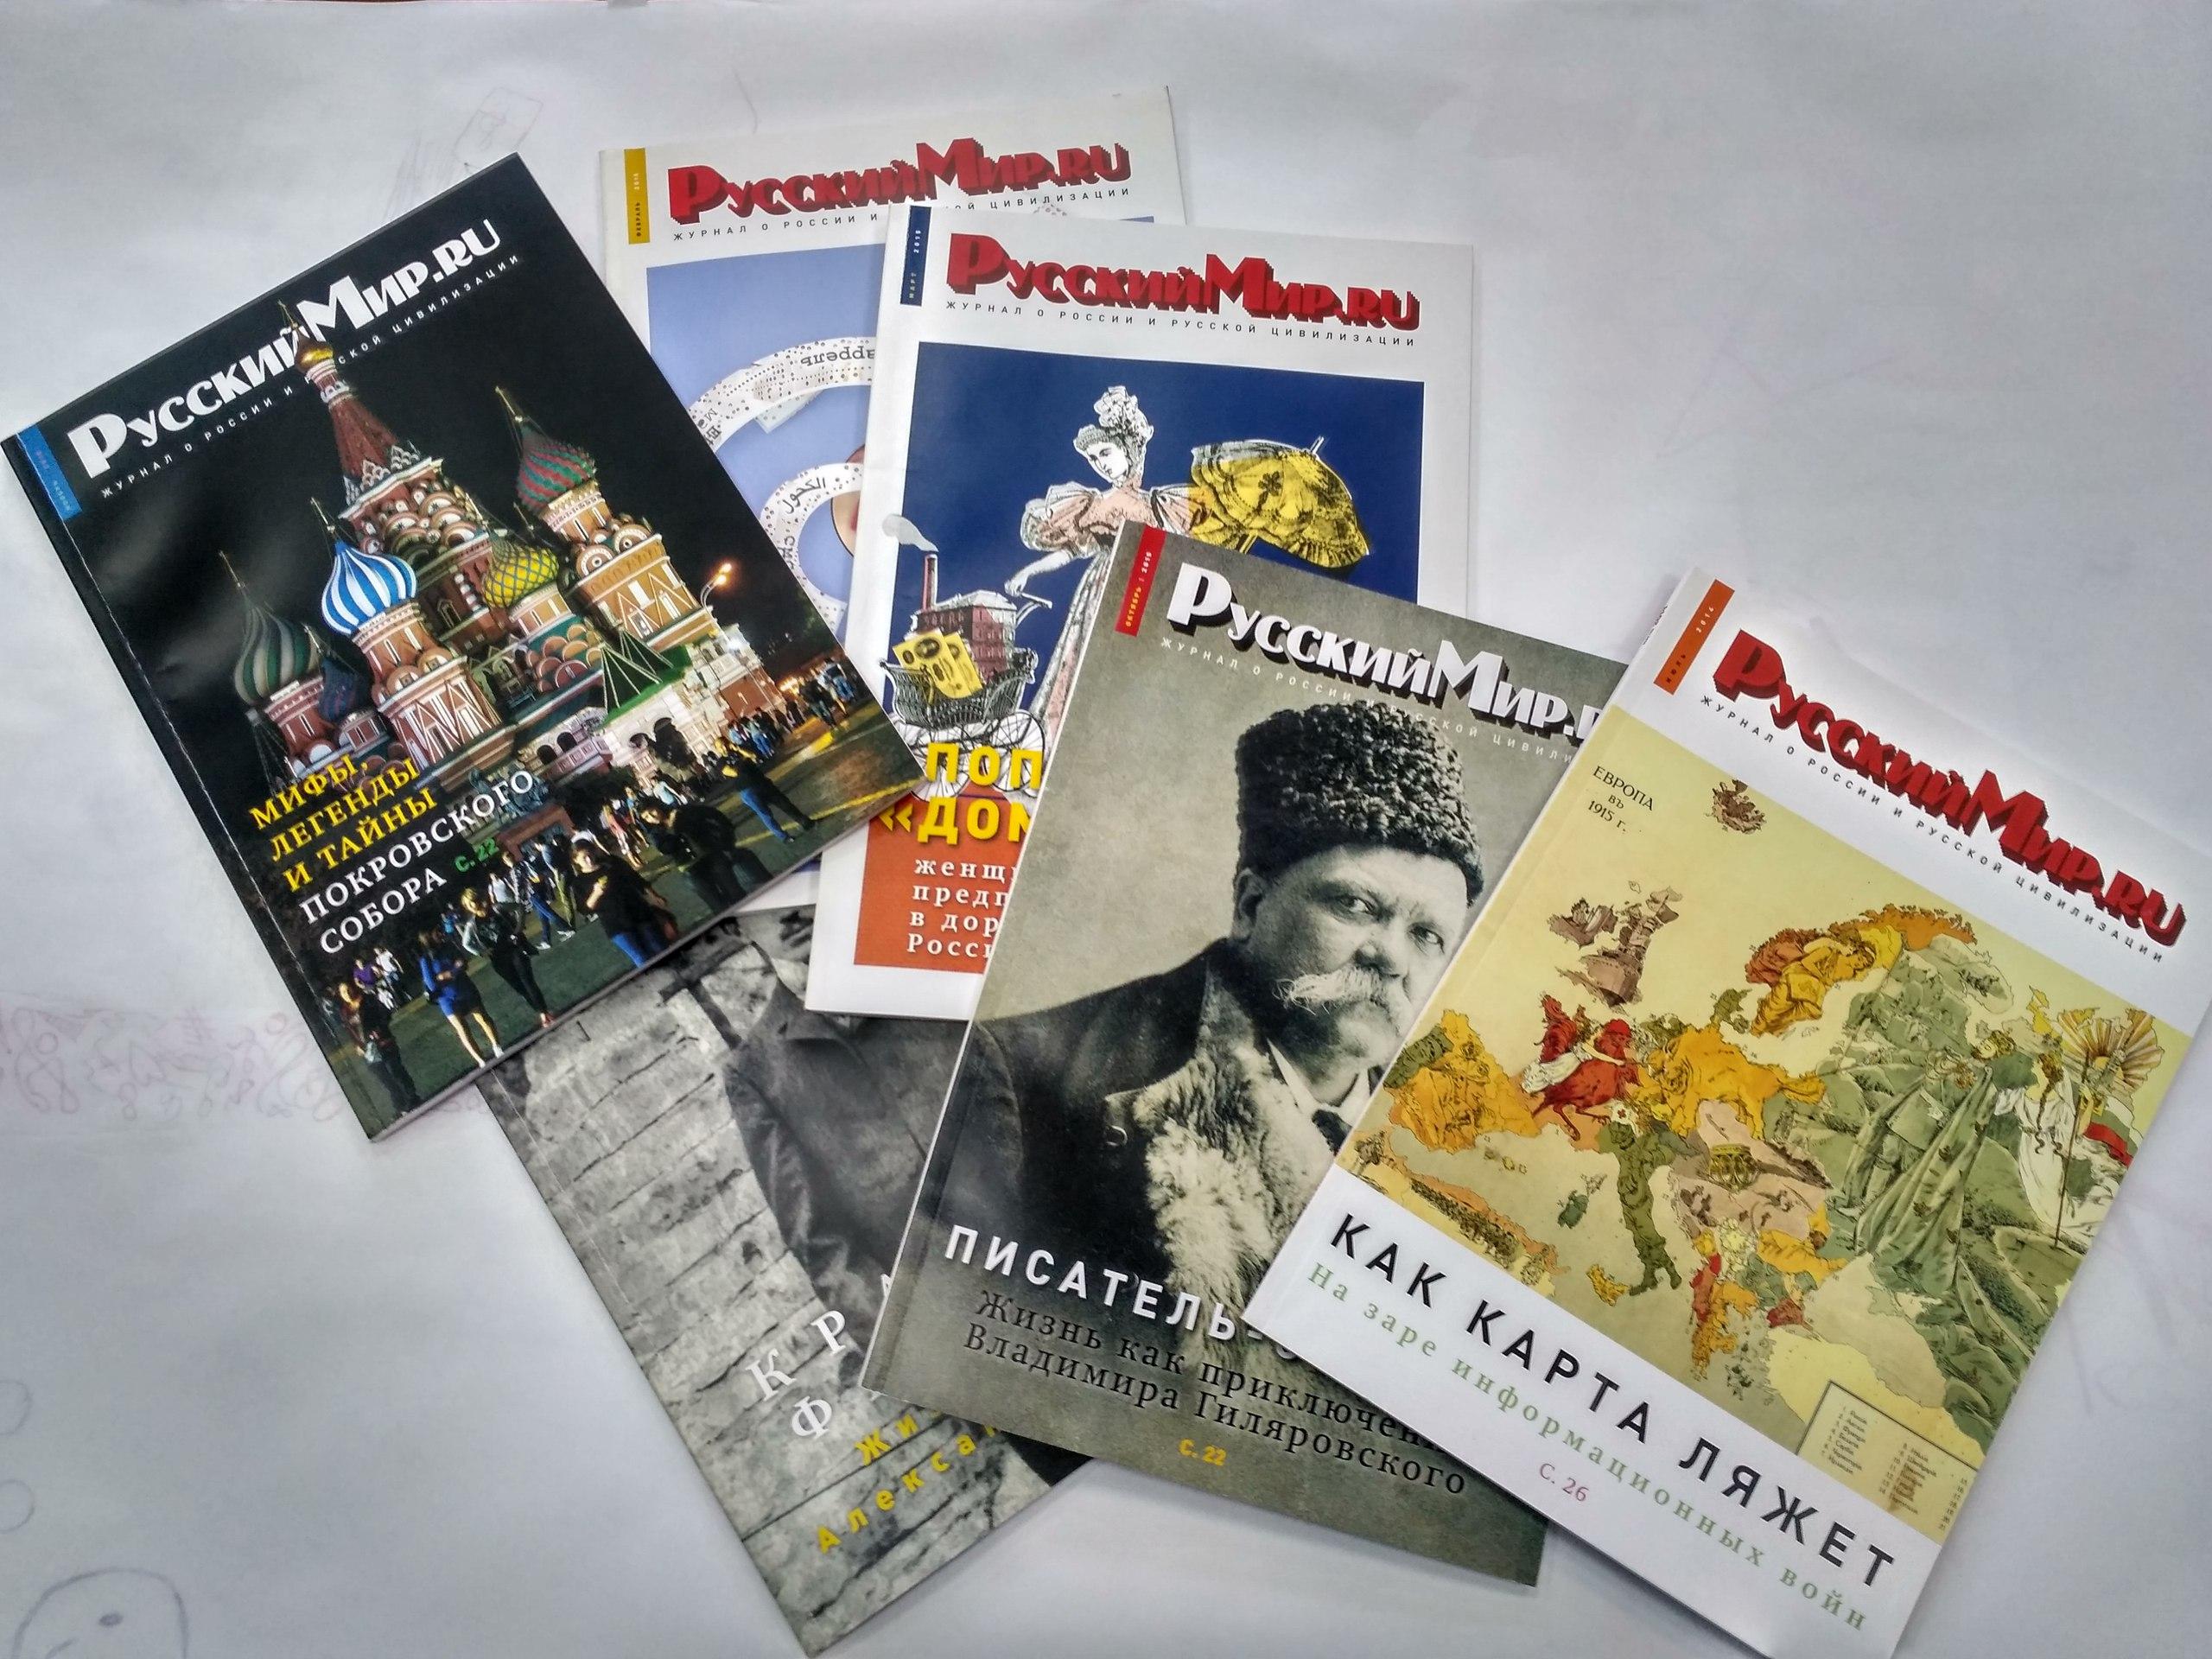 Журнал русский мир ru значки монреаль 76